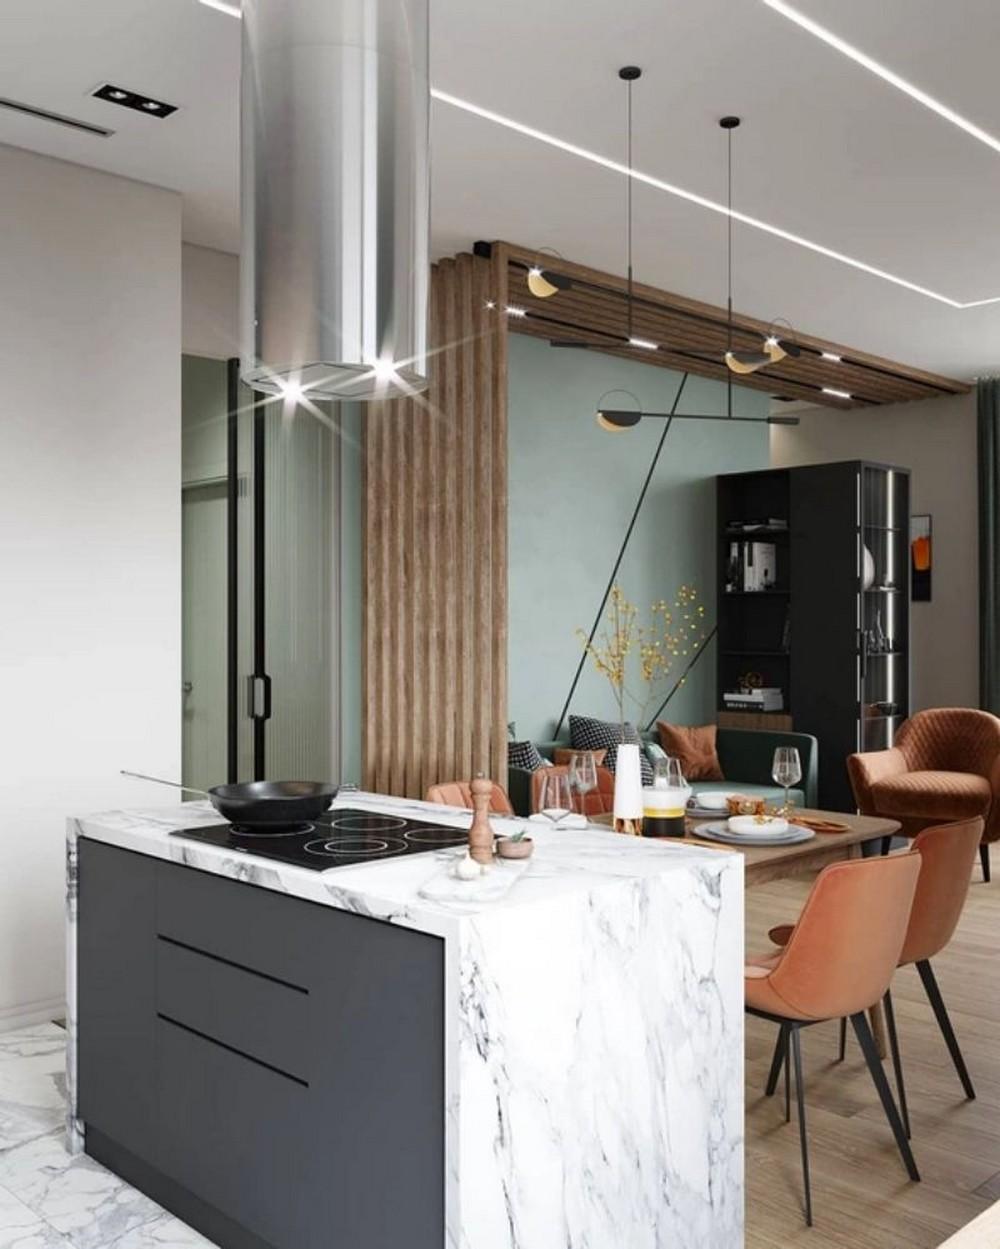 Top 20 Interior Designers From Baku baku Top 20 Interior Designers From Baku inno